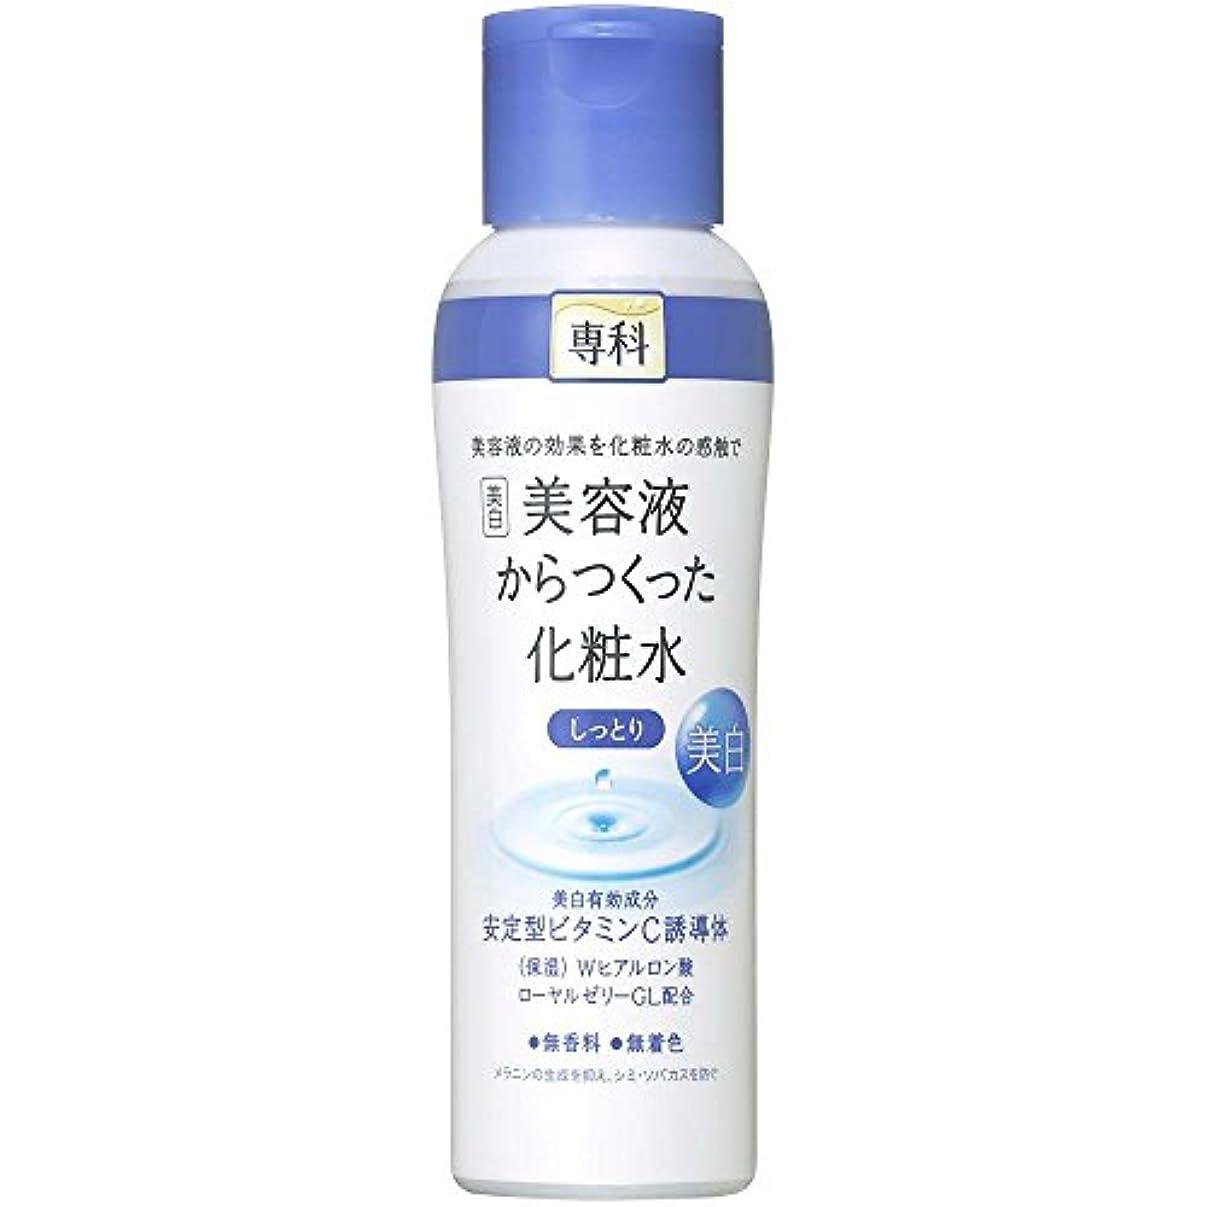 感嘆地味なパネル【アウトレット品】専科 美容液からつくった化粧水(しっとり)